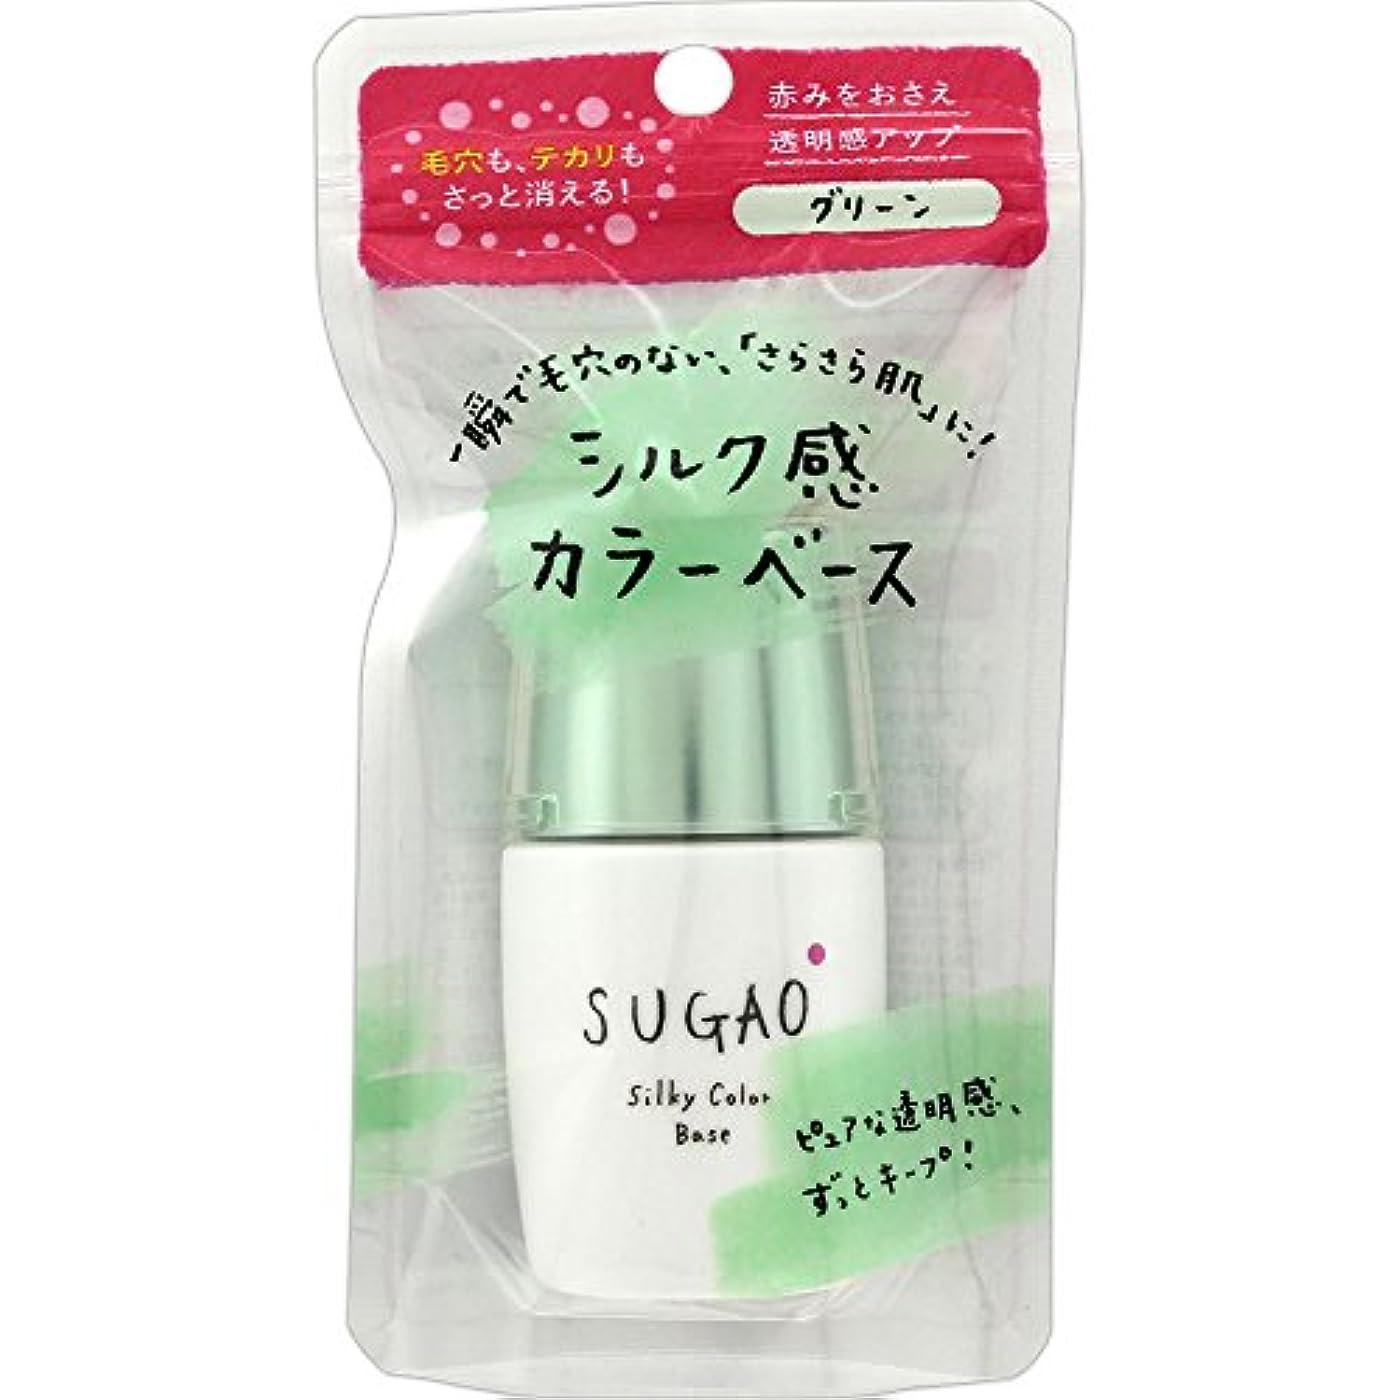 蜂散髪炭素スガオ (SUGAO) シルク感カラーベース グリーン SPF20 PA+++ 20mL